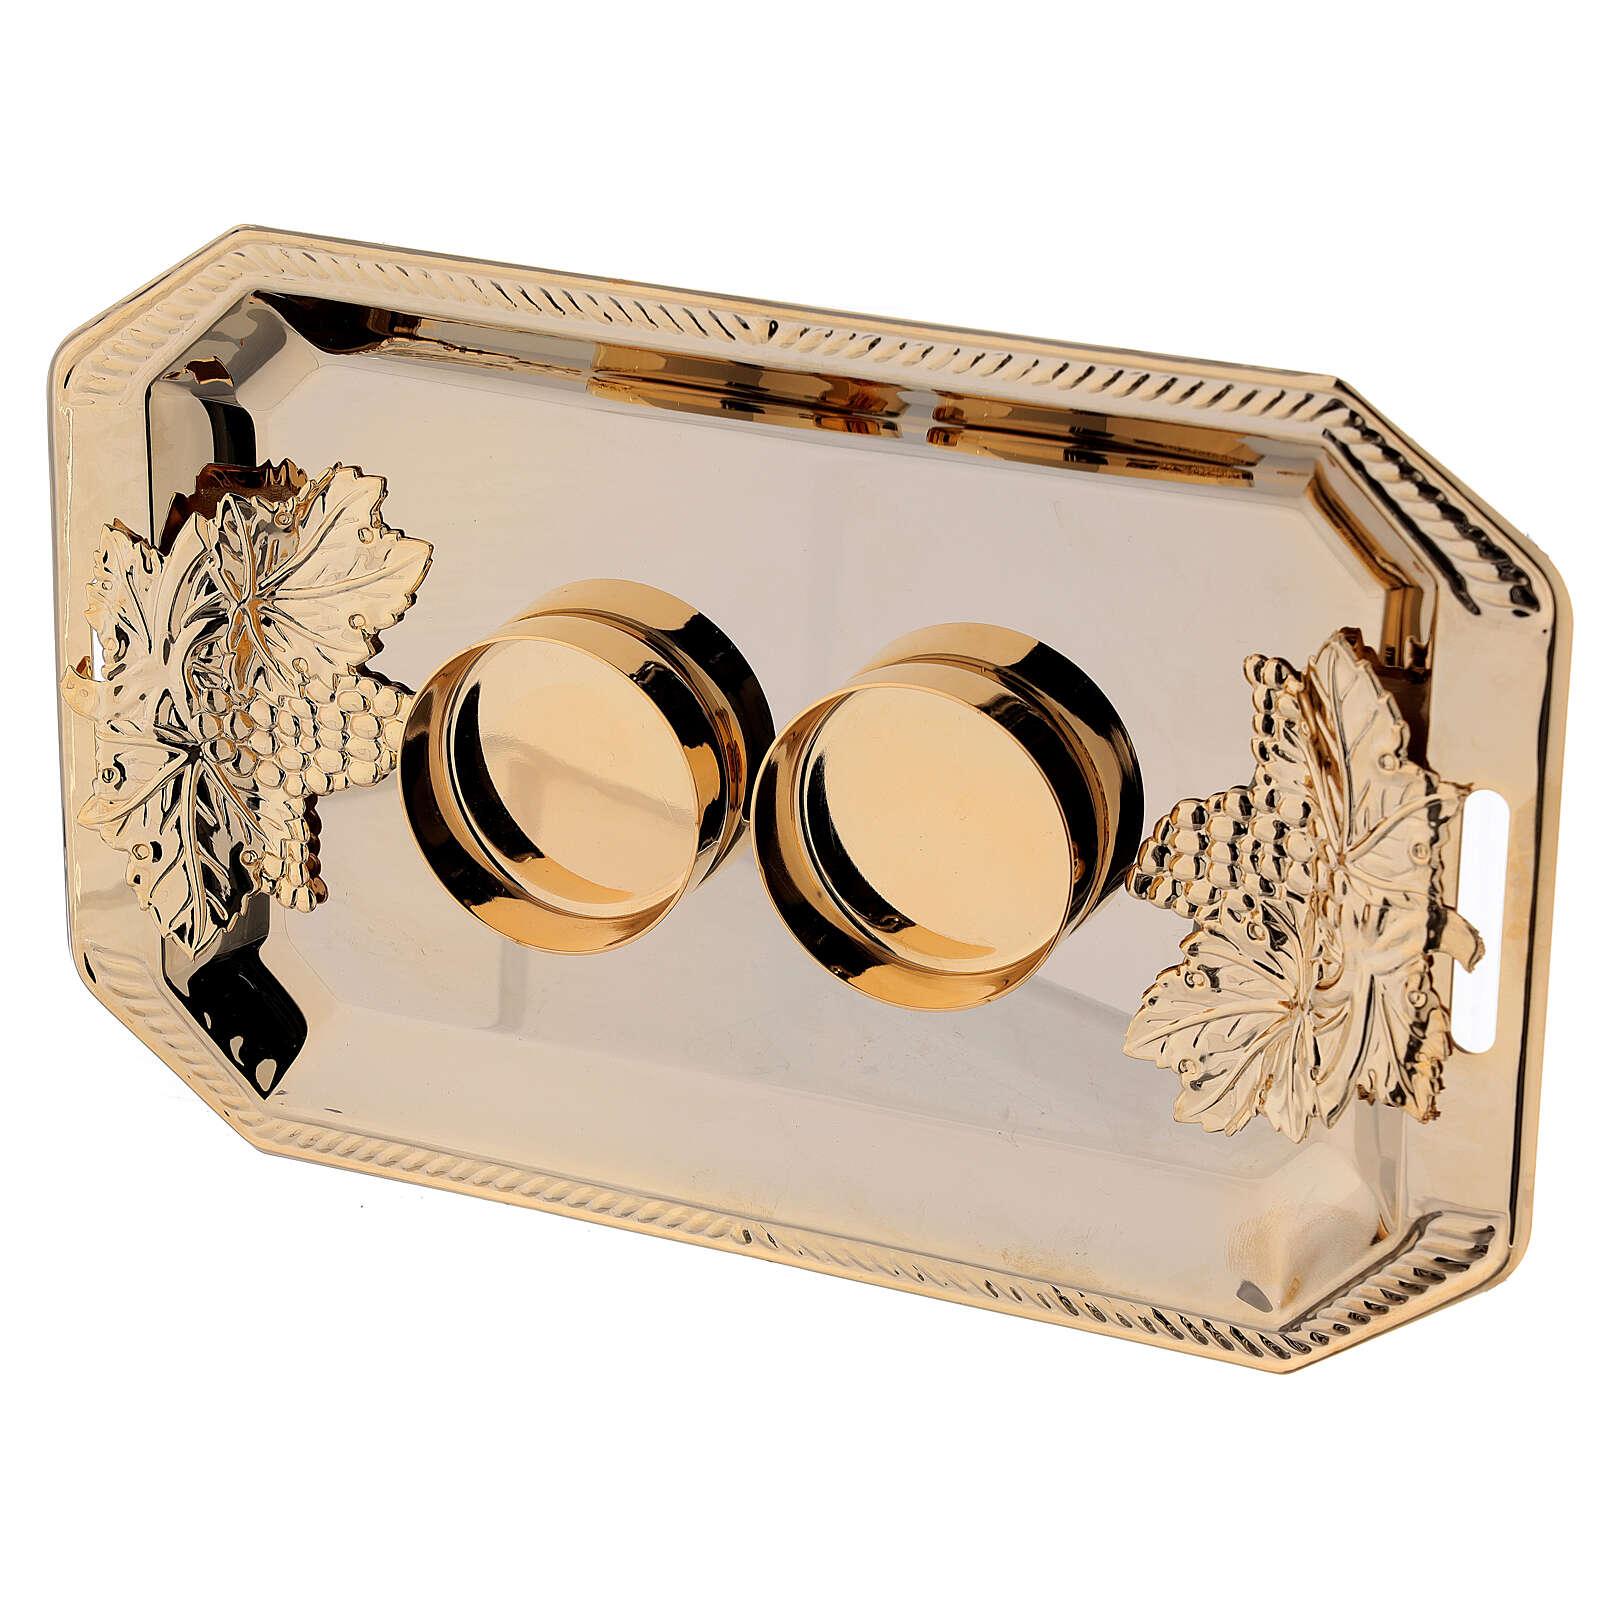 Servizio ampolle Fiesole ottone dorato decori a mano ml 130 4